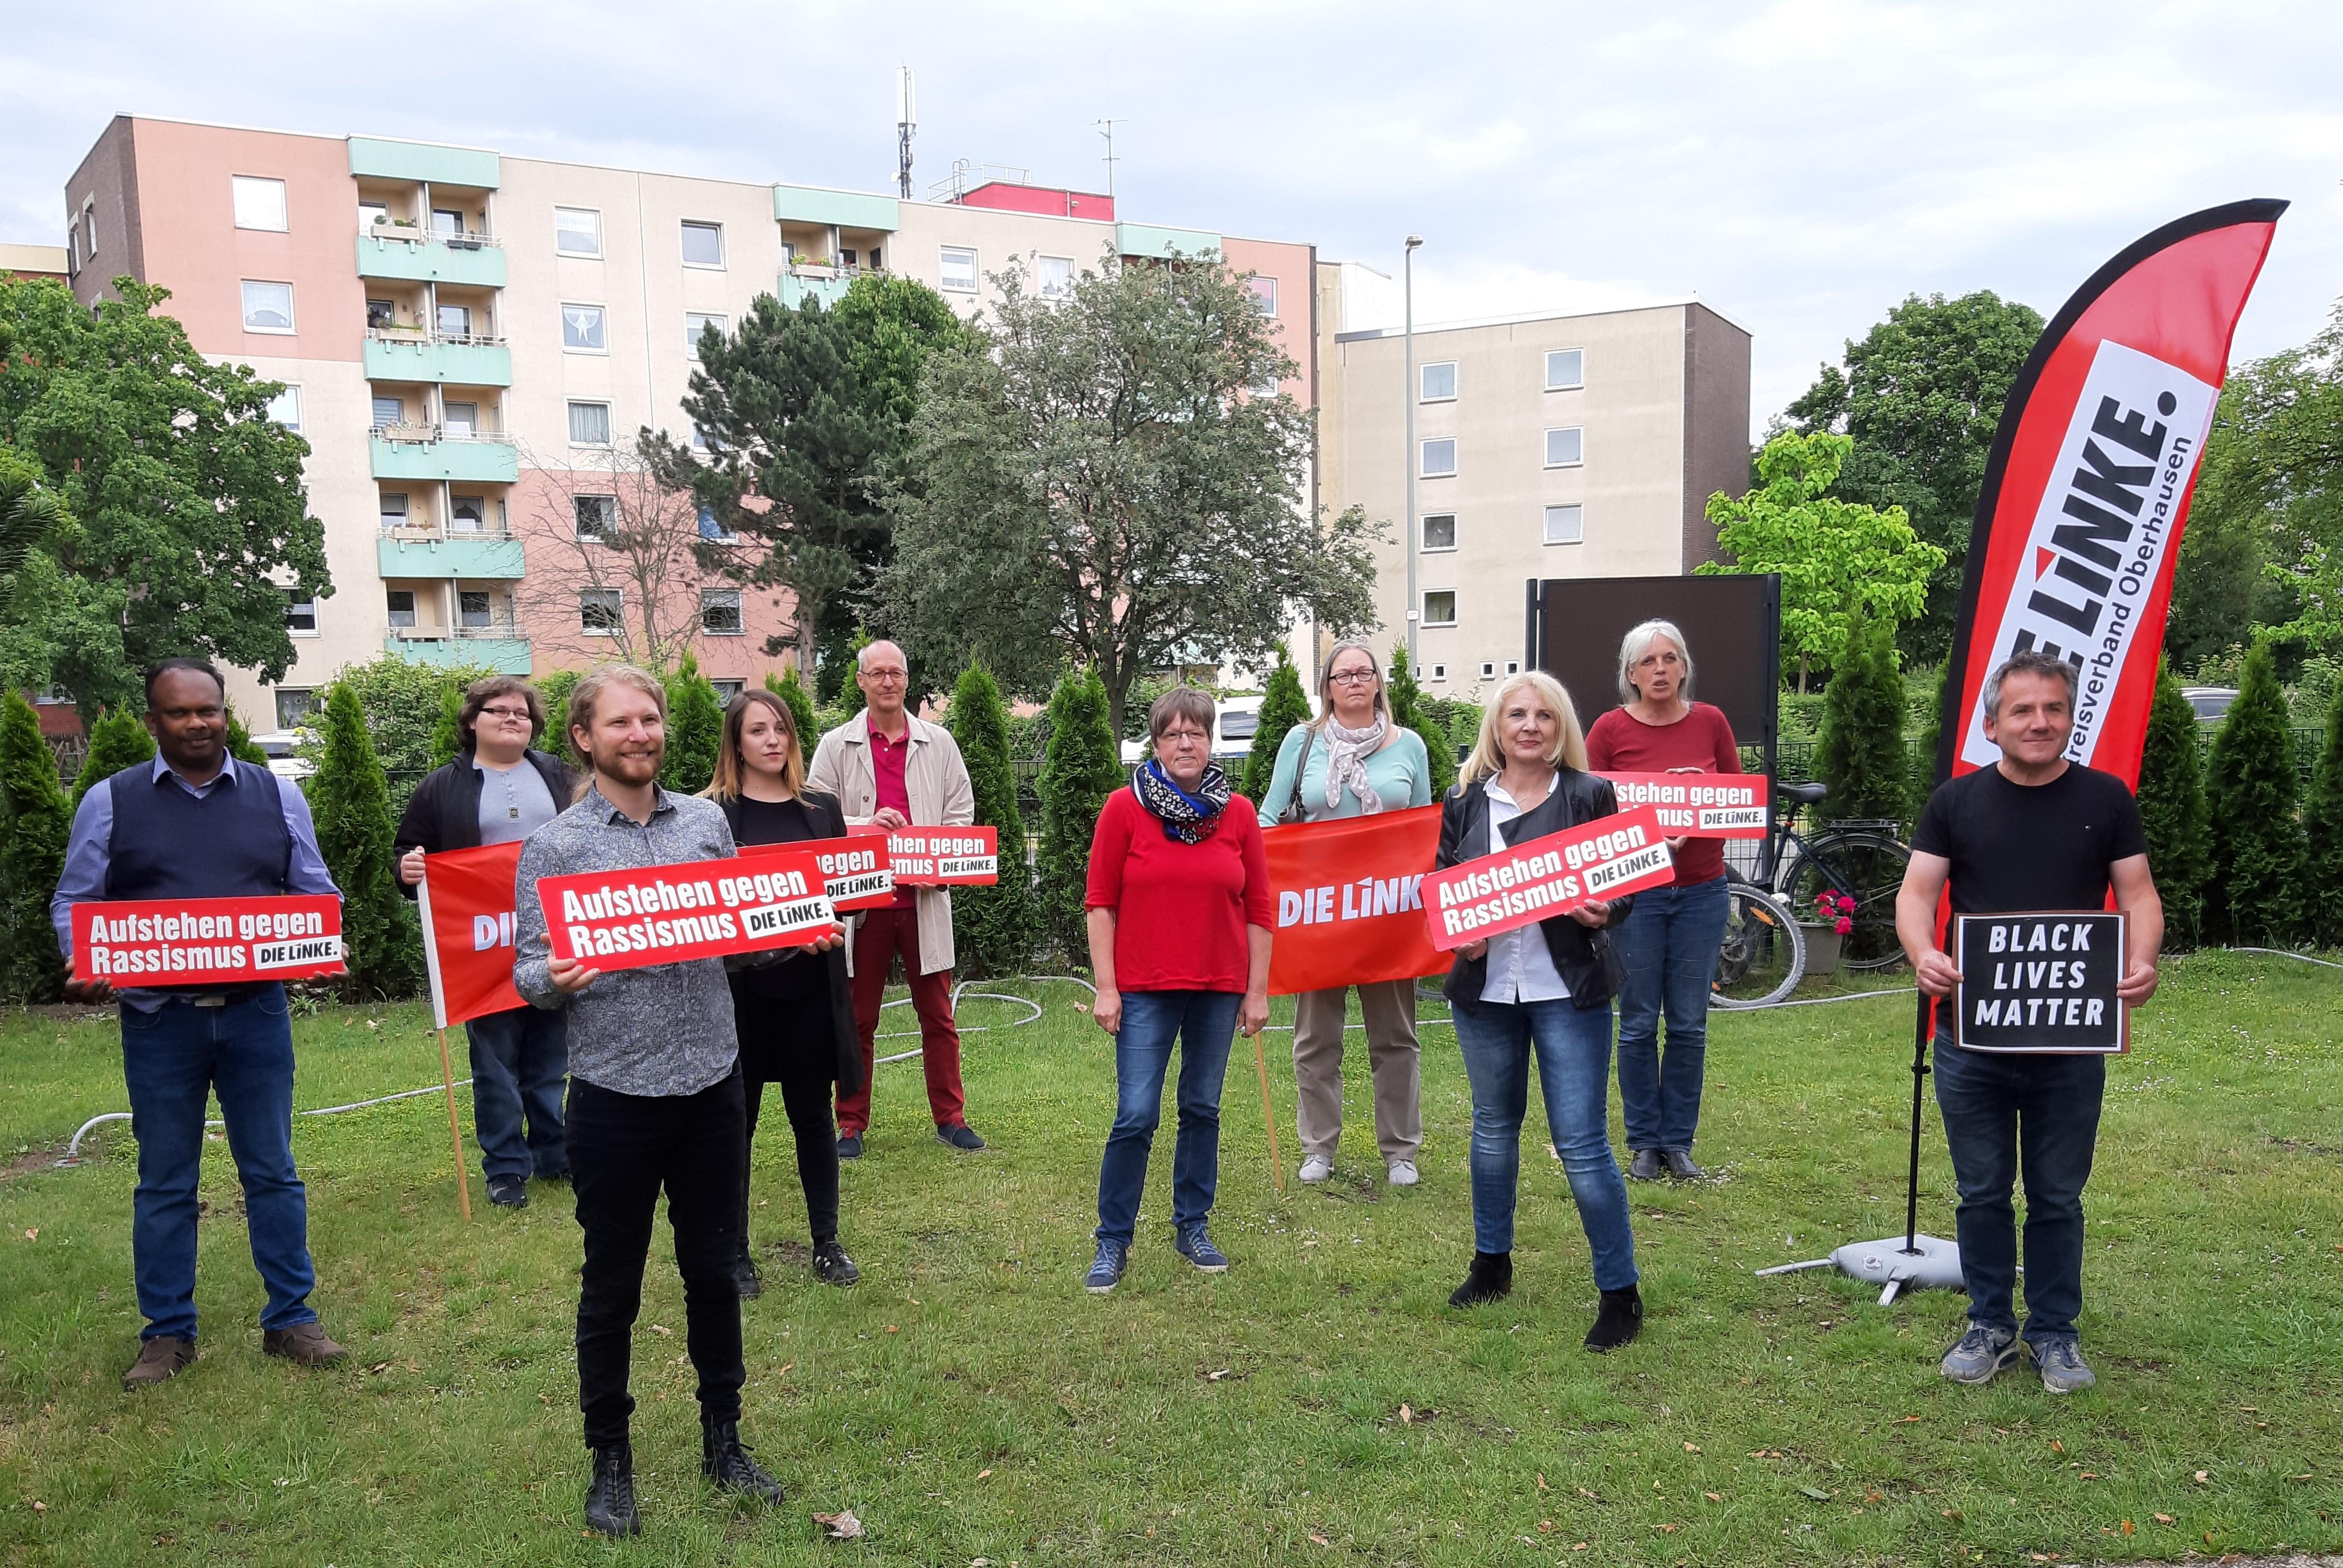 DIE LINKE stellt ihre Kandidat*innen auf:  Gemeinsam für ein soziales und ökologisches Oberhausen